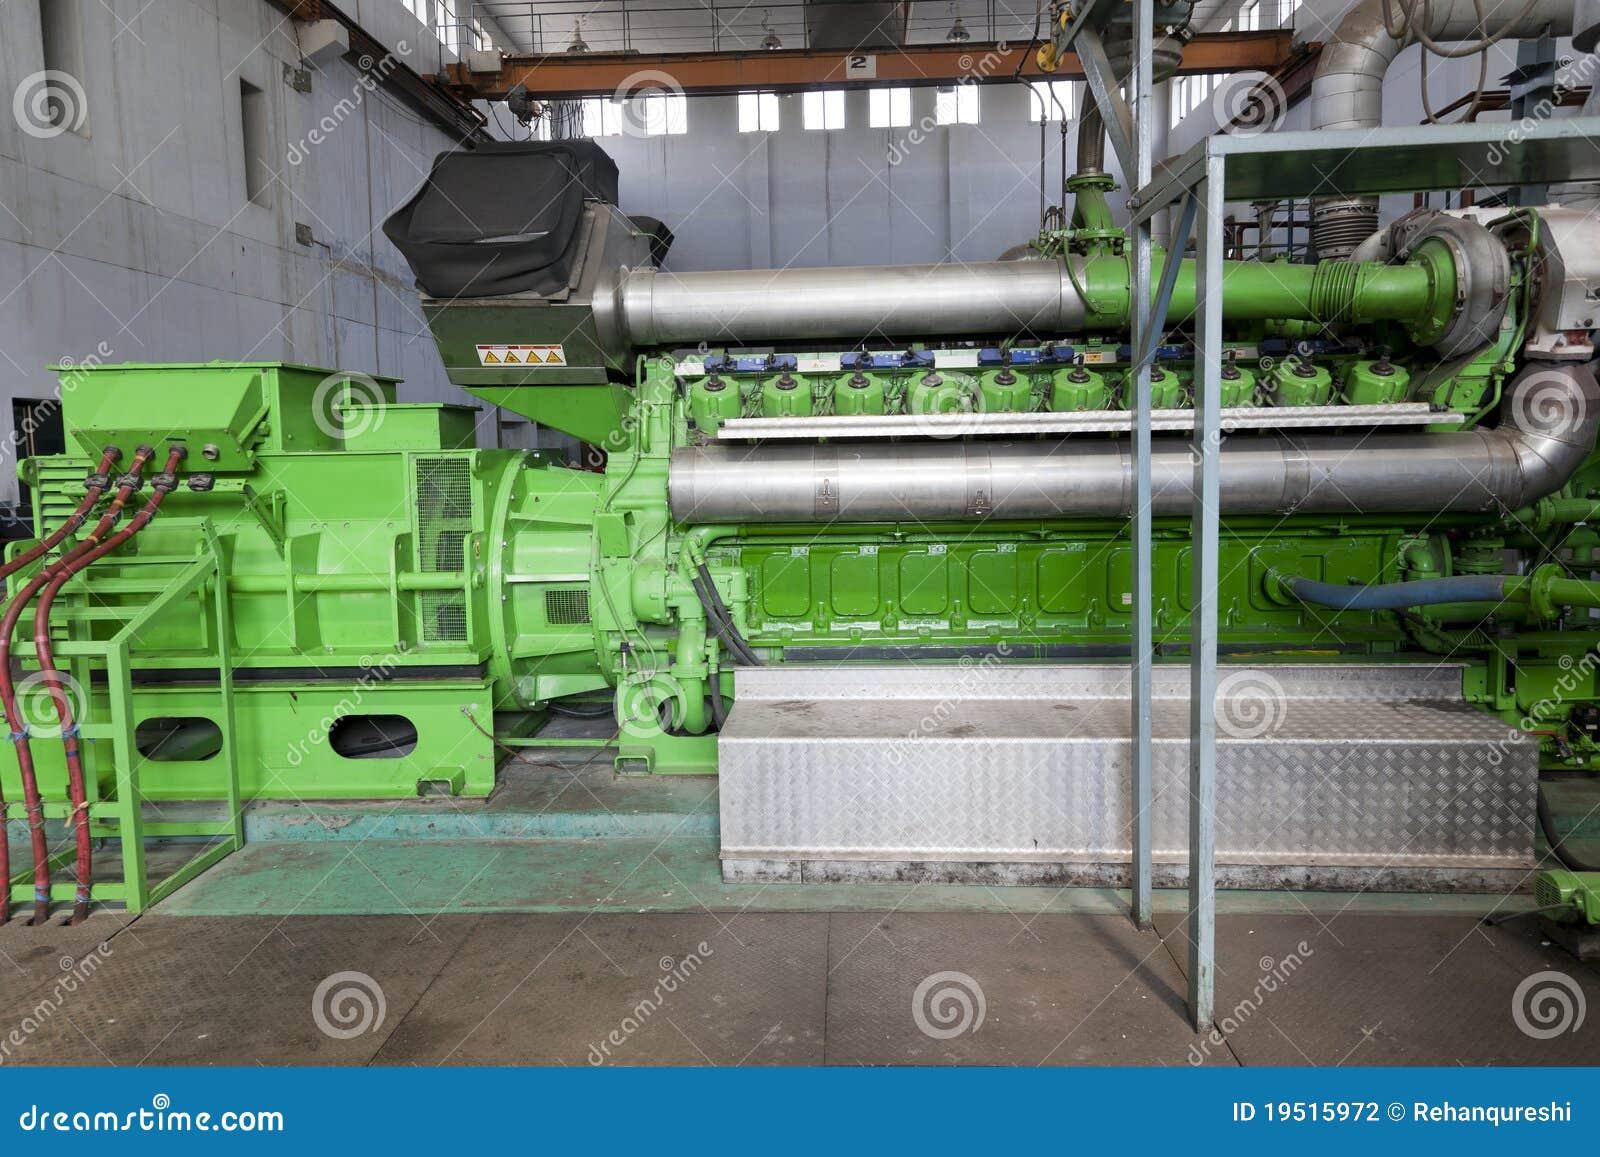 Generador espera industrial enorme del dieasel.